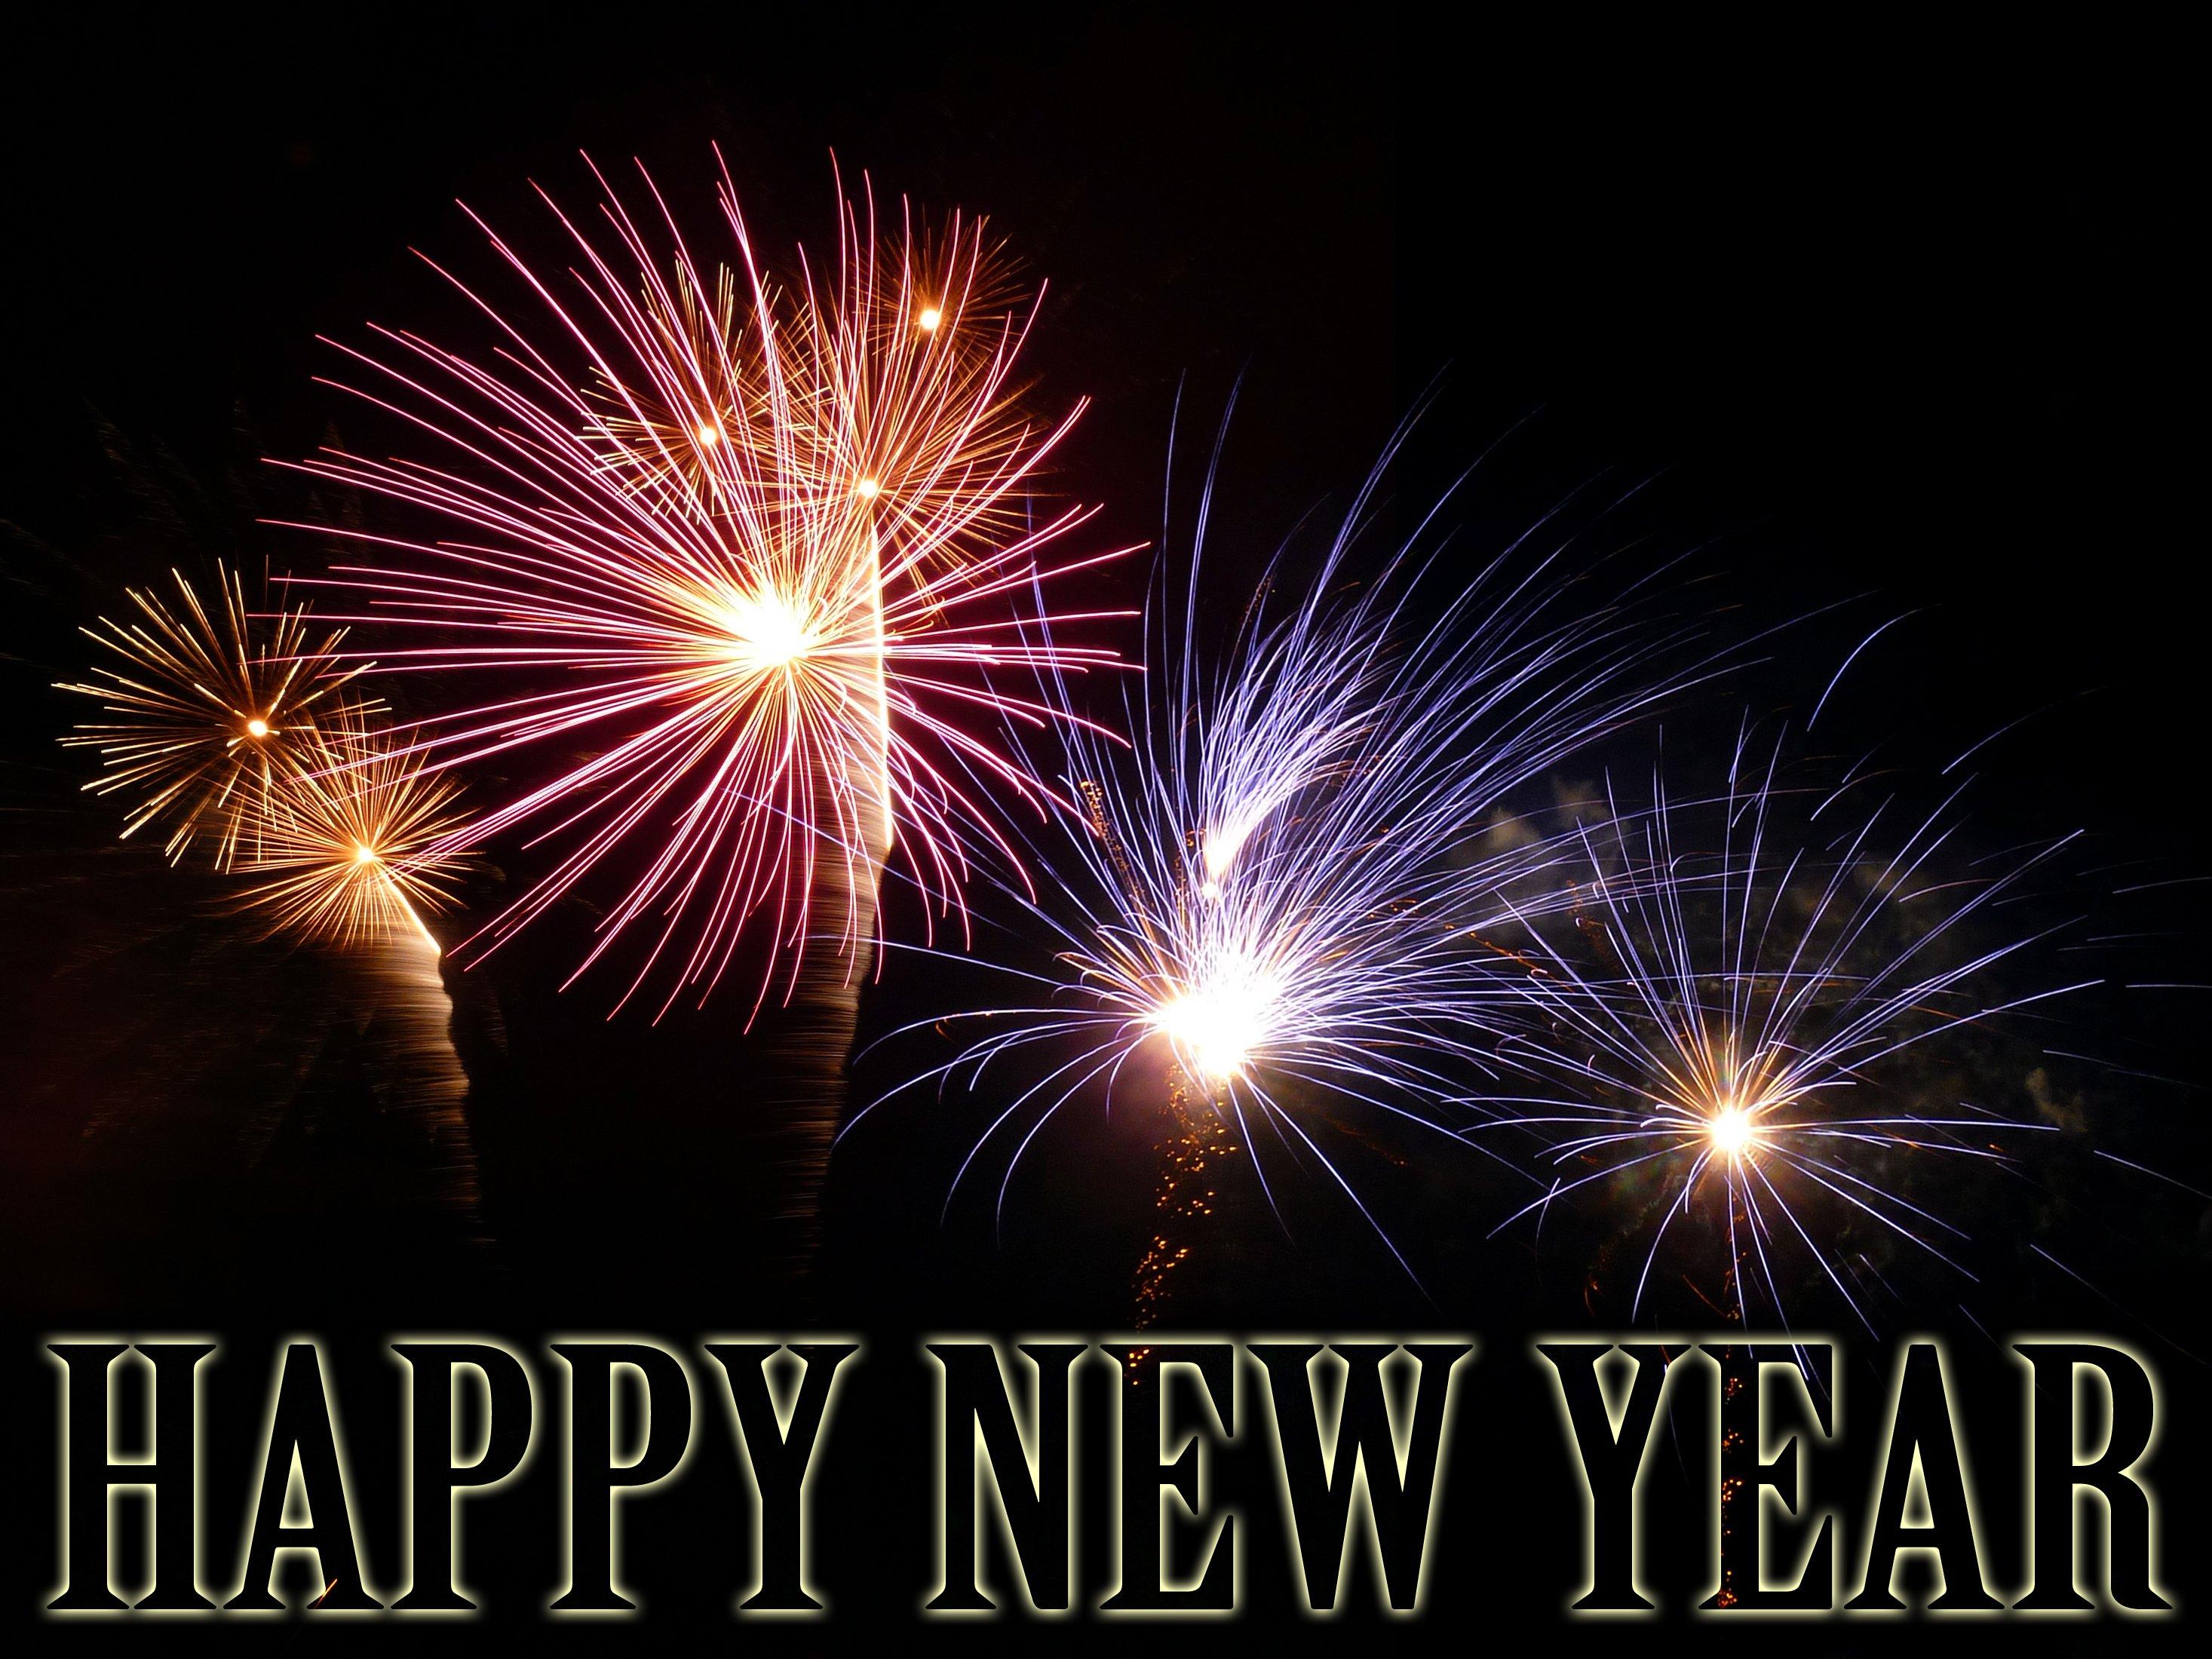 Celebrating New Year's Eve on Delmarva | Shorebread